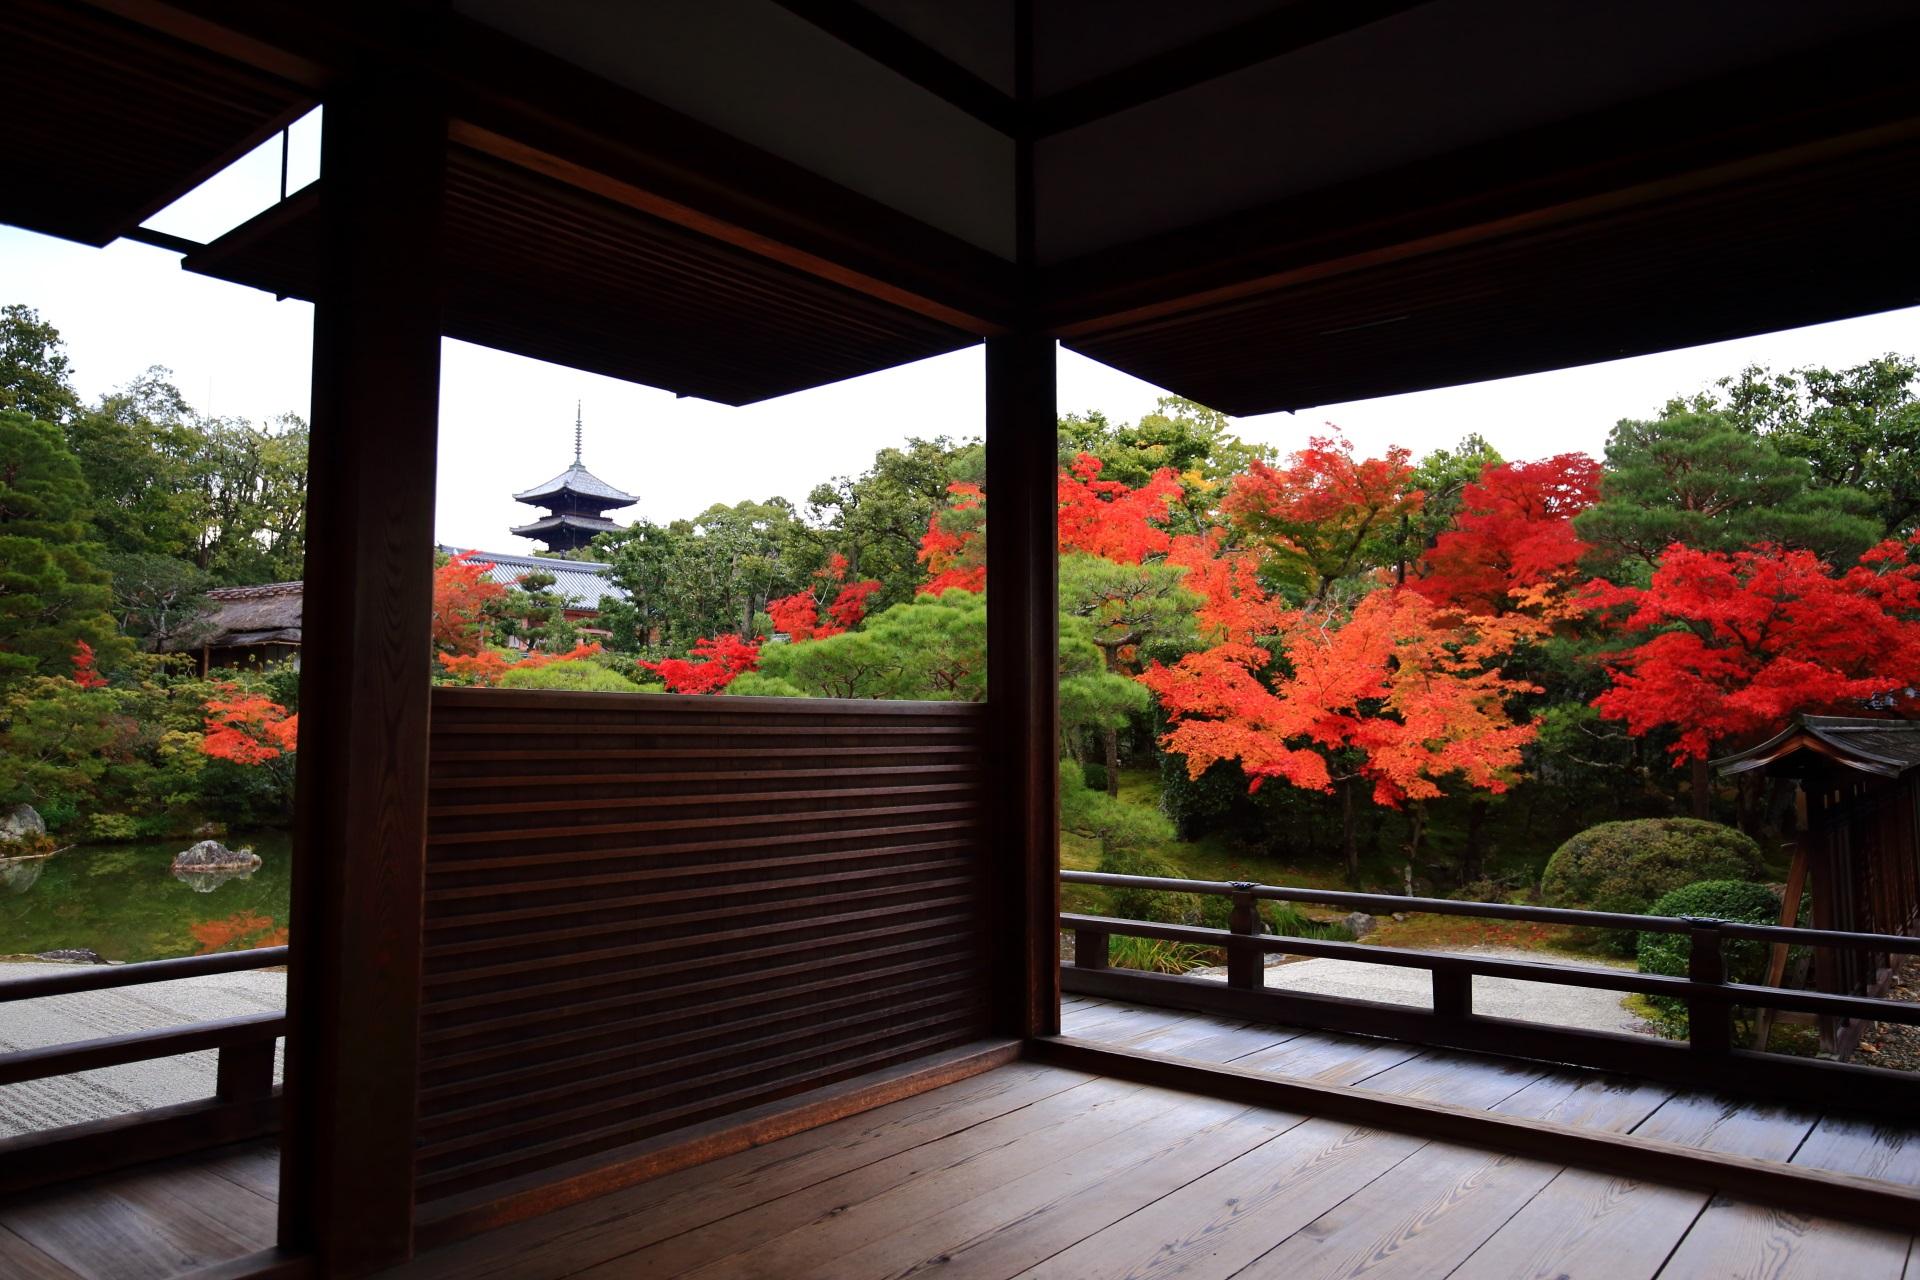 深い緑や御殿の茶色の庇に映える鮮やかな紅葉